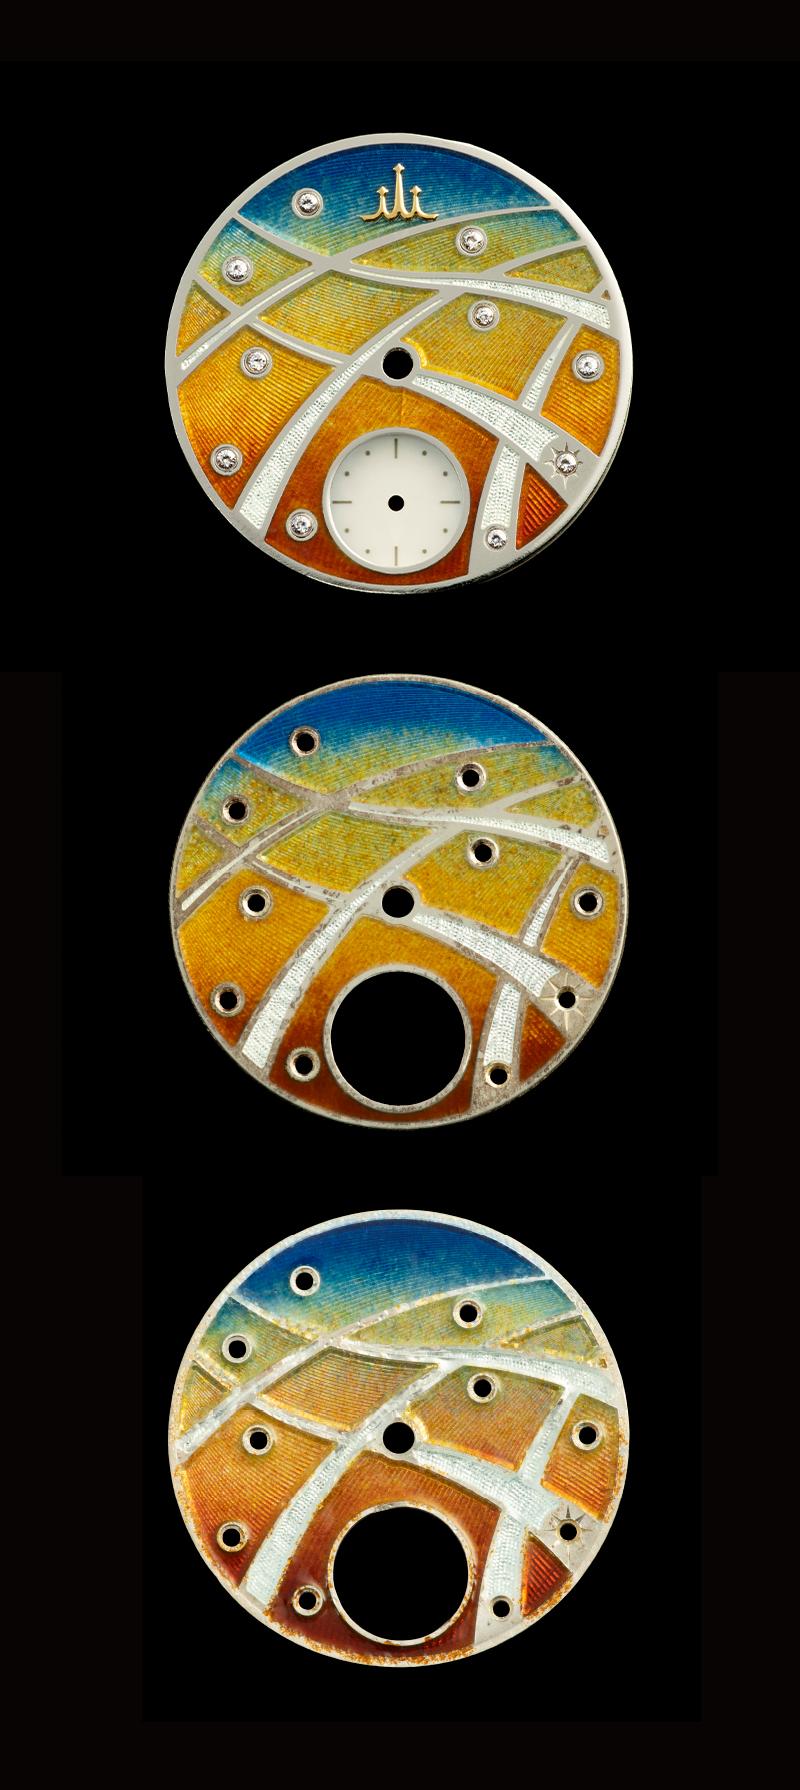 サンプルとして作られたエナメルダイヤル3つの写真